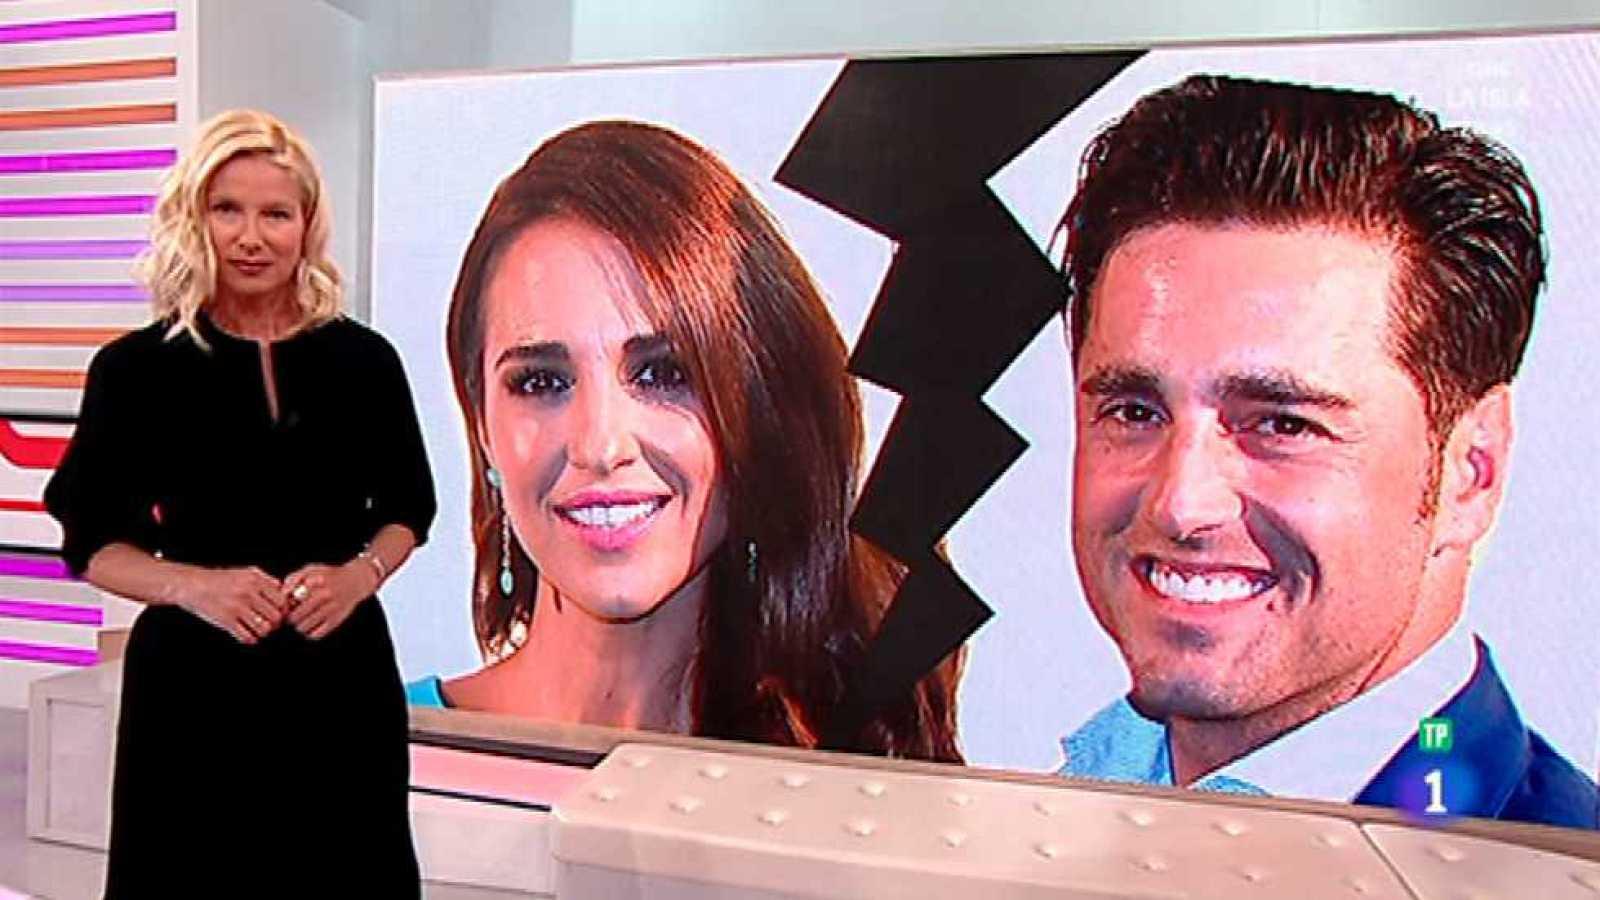 Corazón - 10/04/17 - RTVE.es